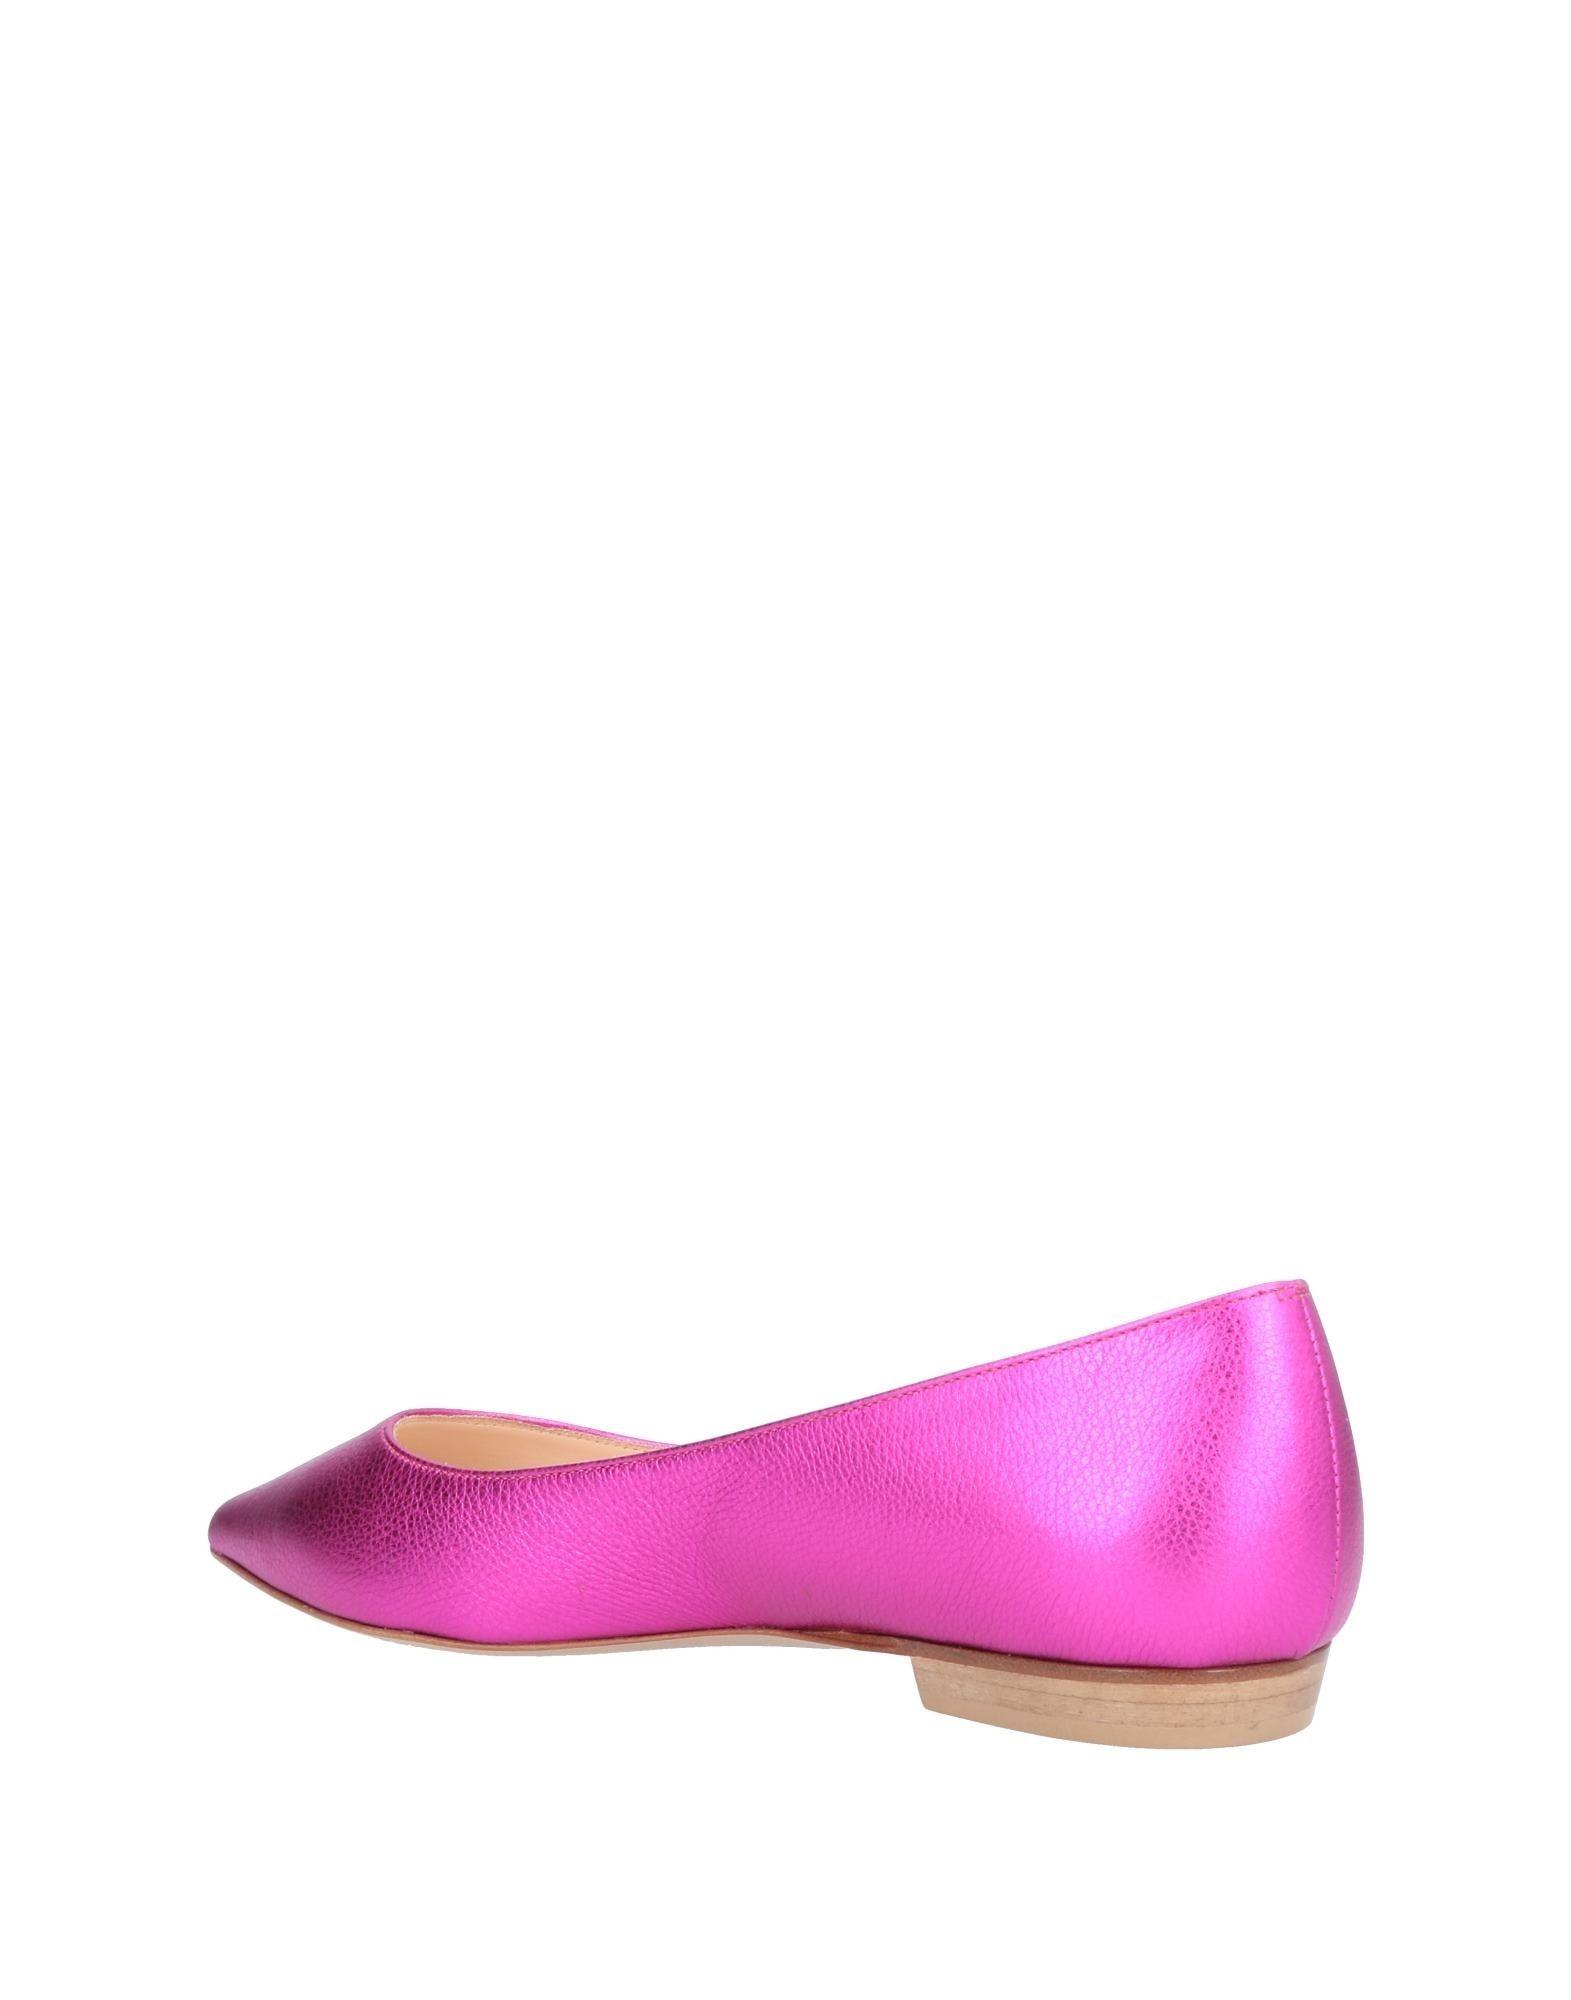 Scarpe economiche e resistenti Ballerine A.Testoni Donna - 11453464DM